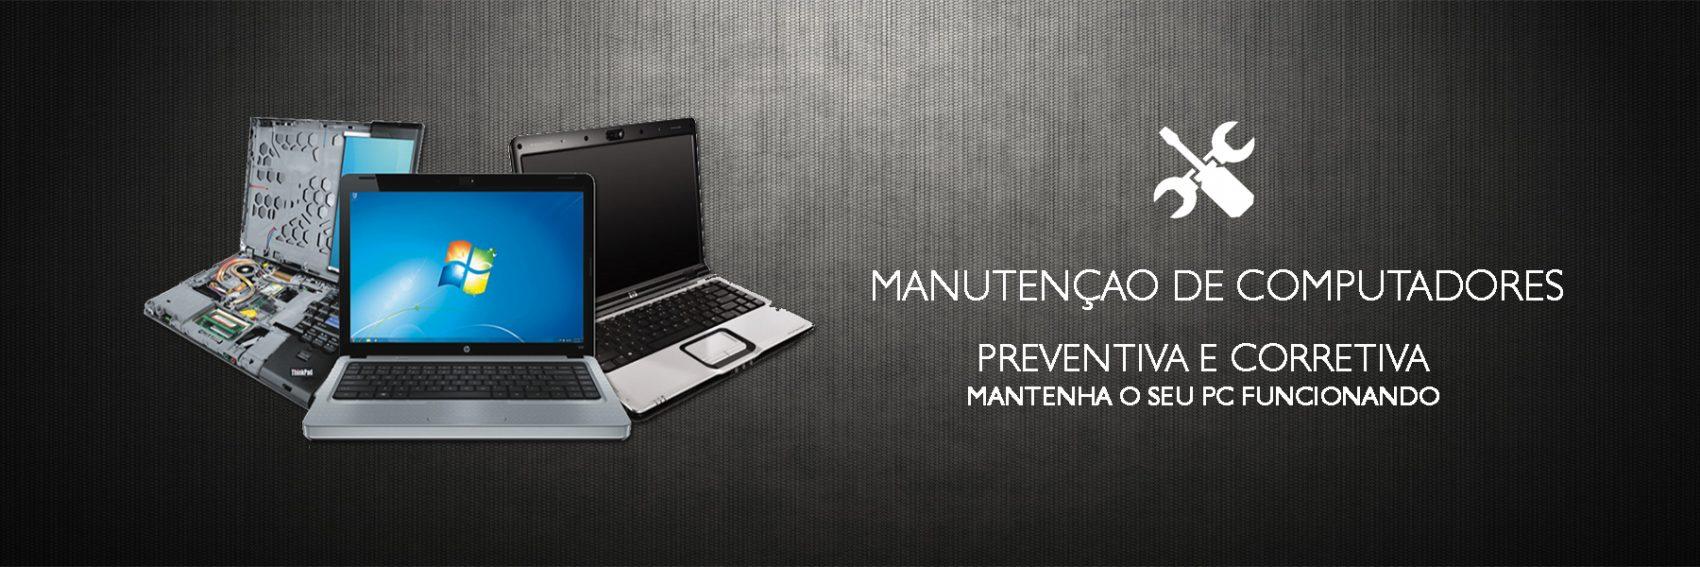 Assistência Técnica de Informática em Lauro de Freitas - Conserto de Notebooks - Manutenção Preventiva e Corretiva